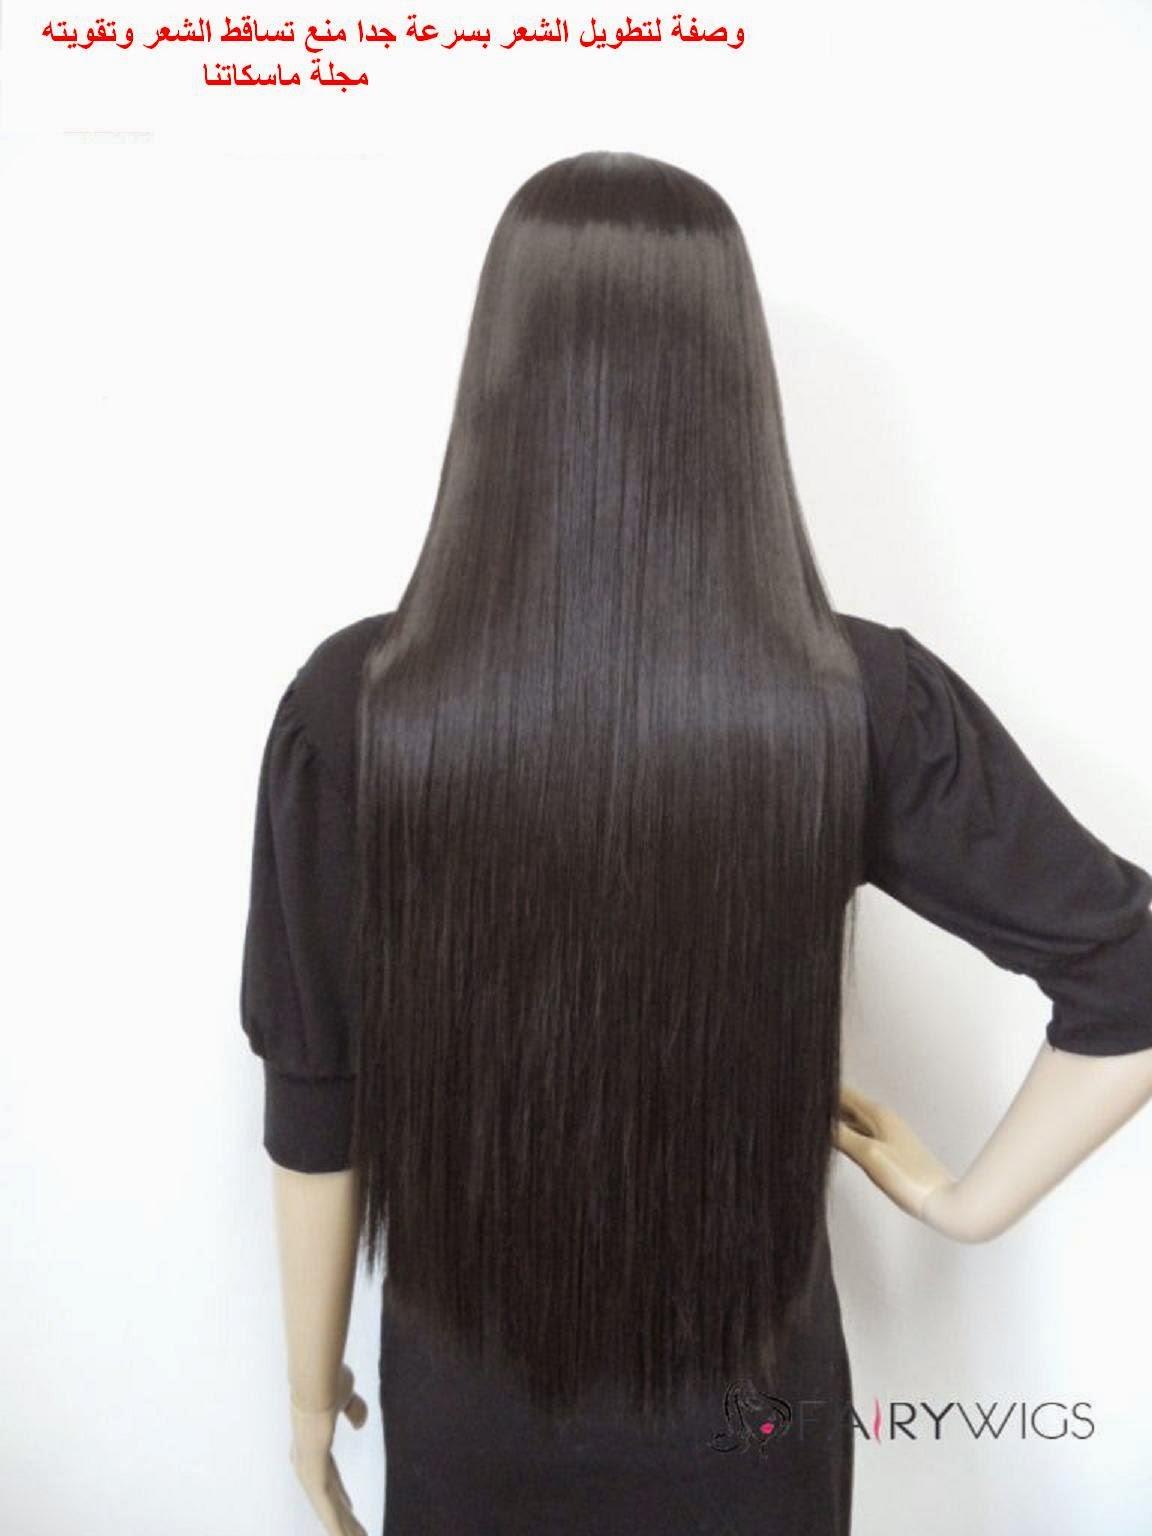 وصفة لتطويل الشعر بسرعة جدا منع تساقط الشعر وتقويته                    مجلة ماسكاتنا